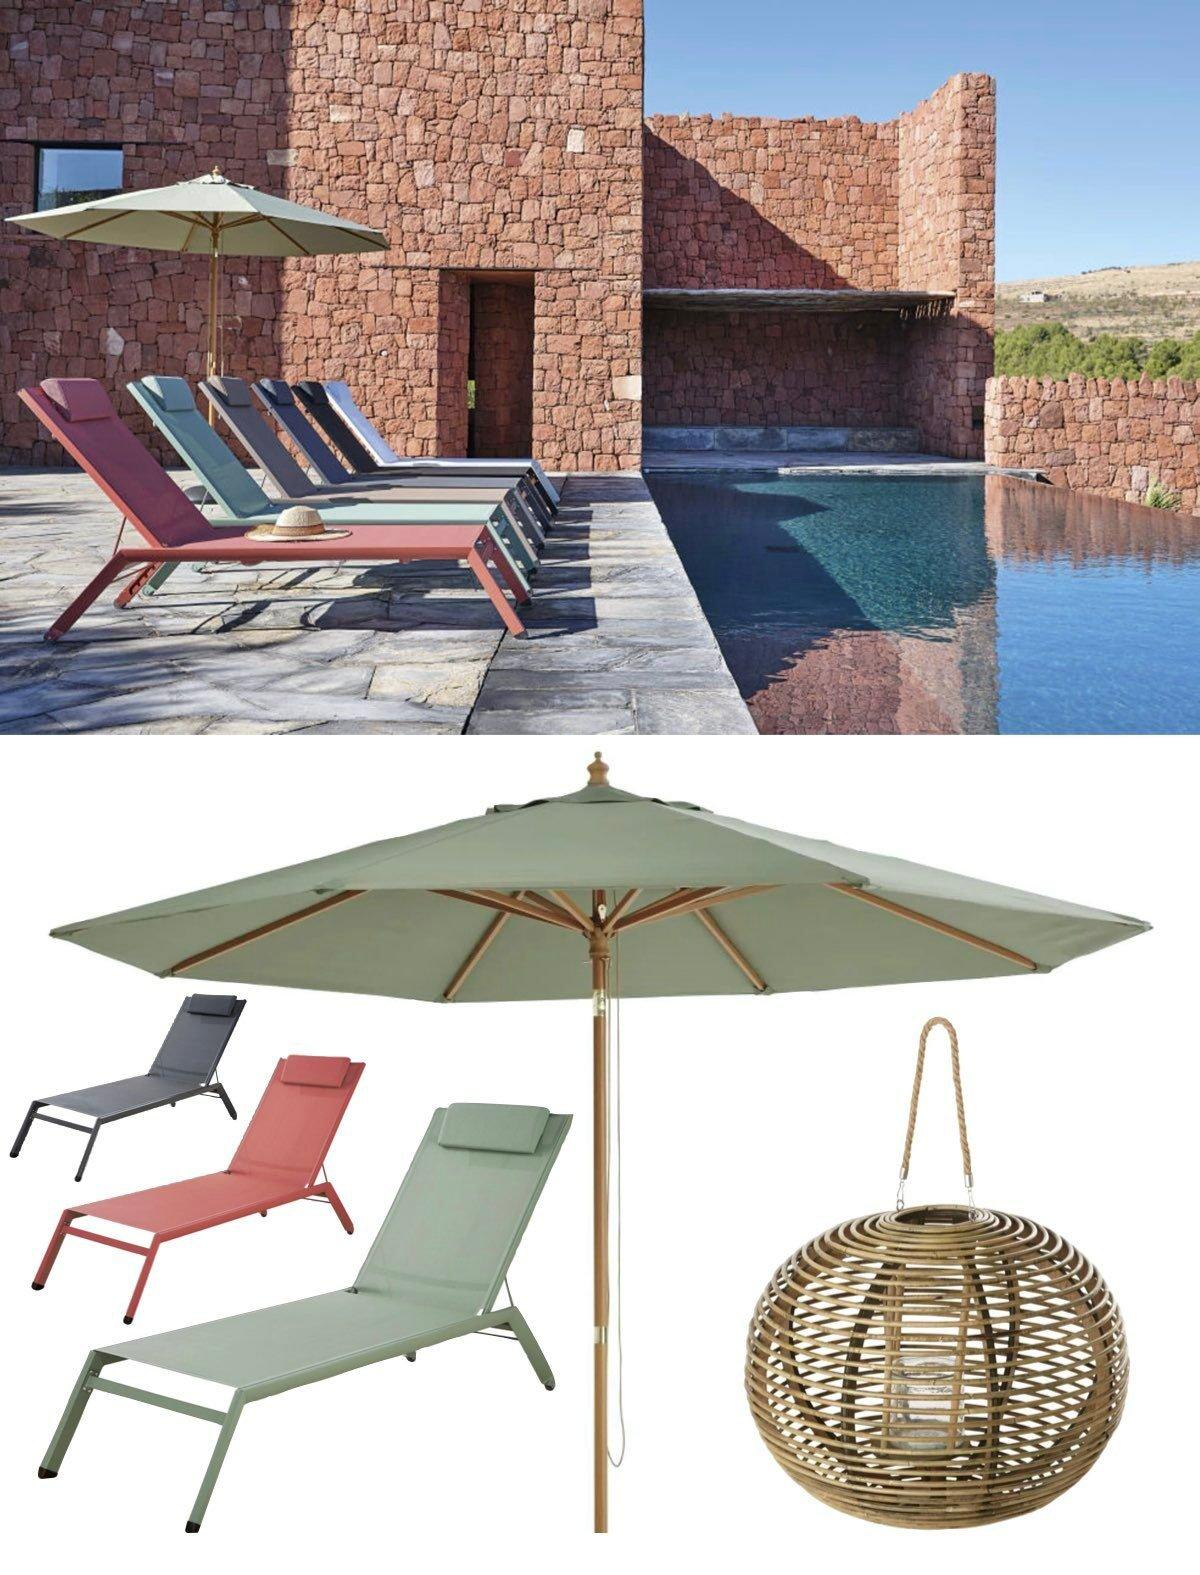 piscine villa briques transat design moderne vert eau rouge gris parasol couleur pastel